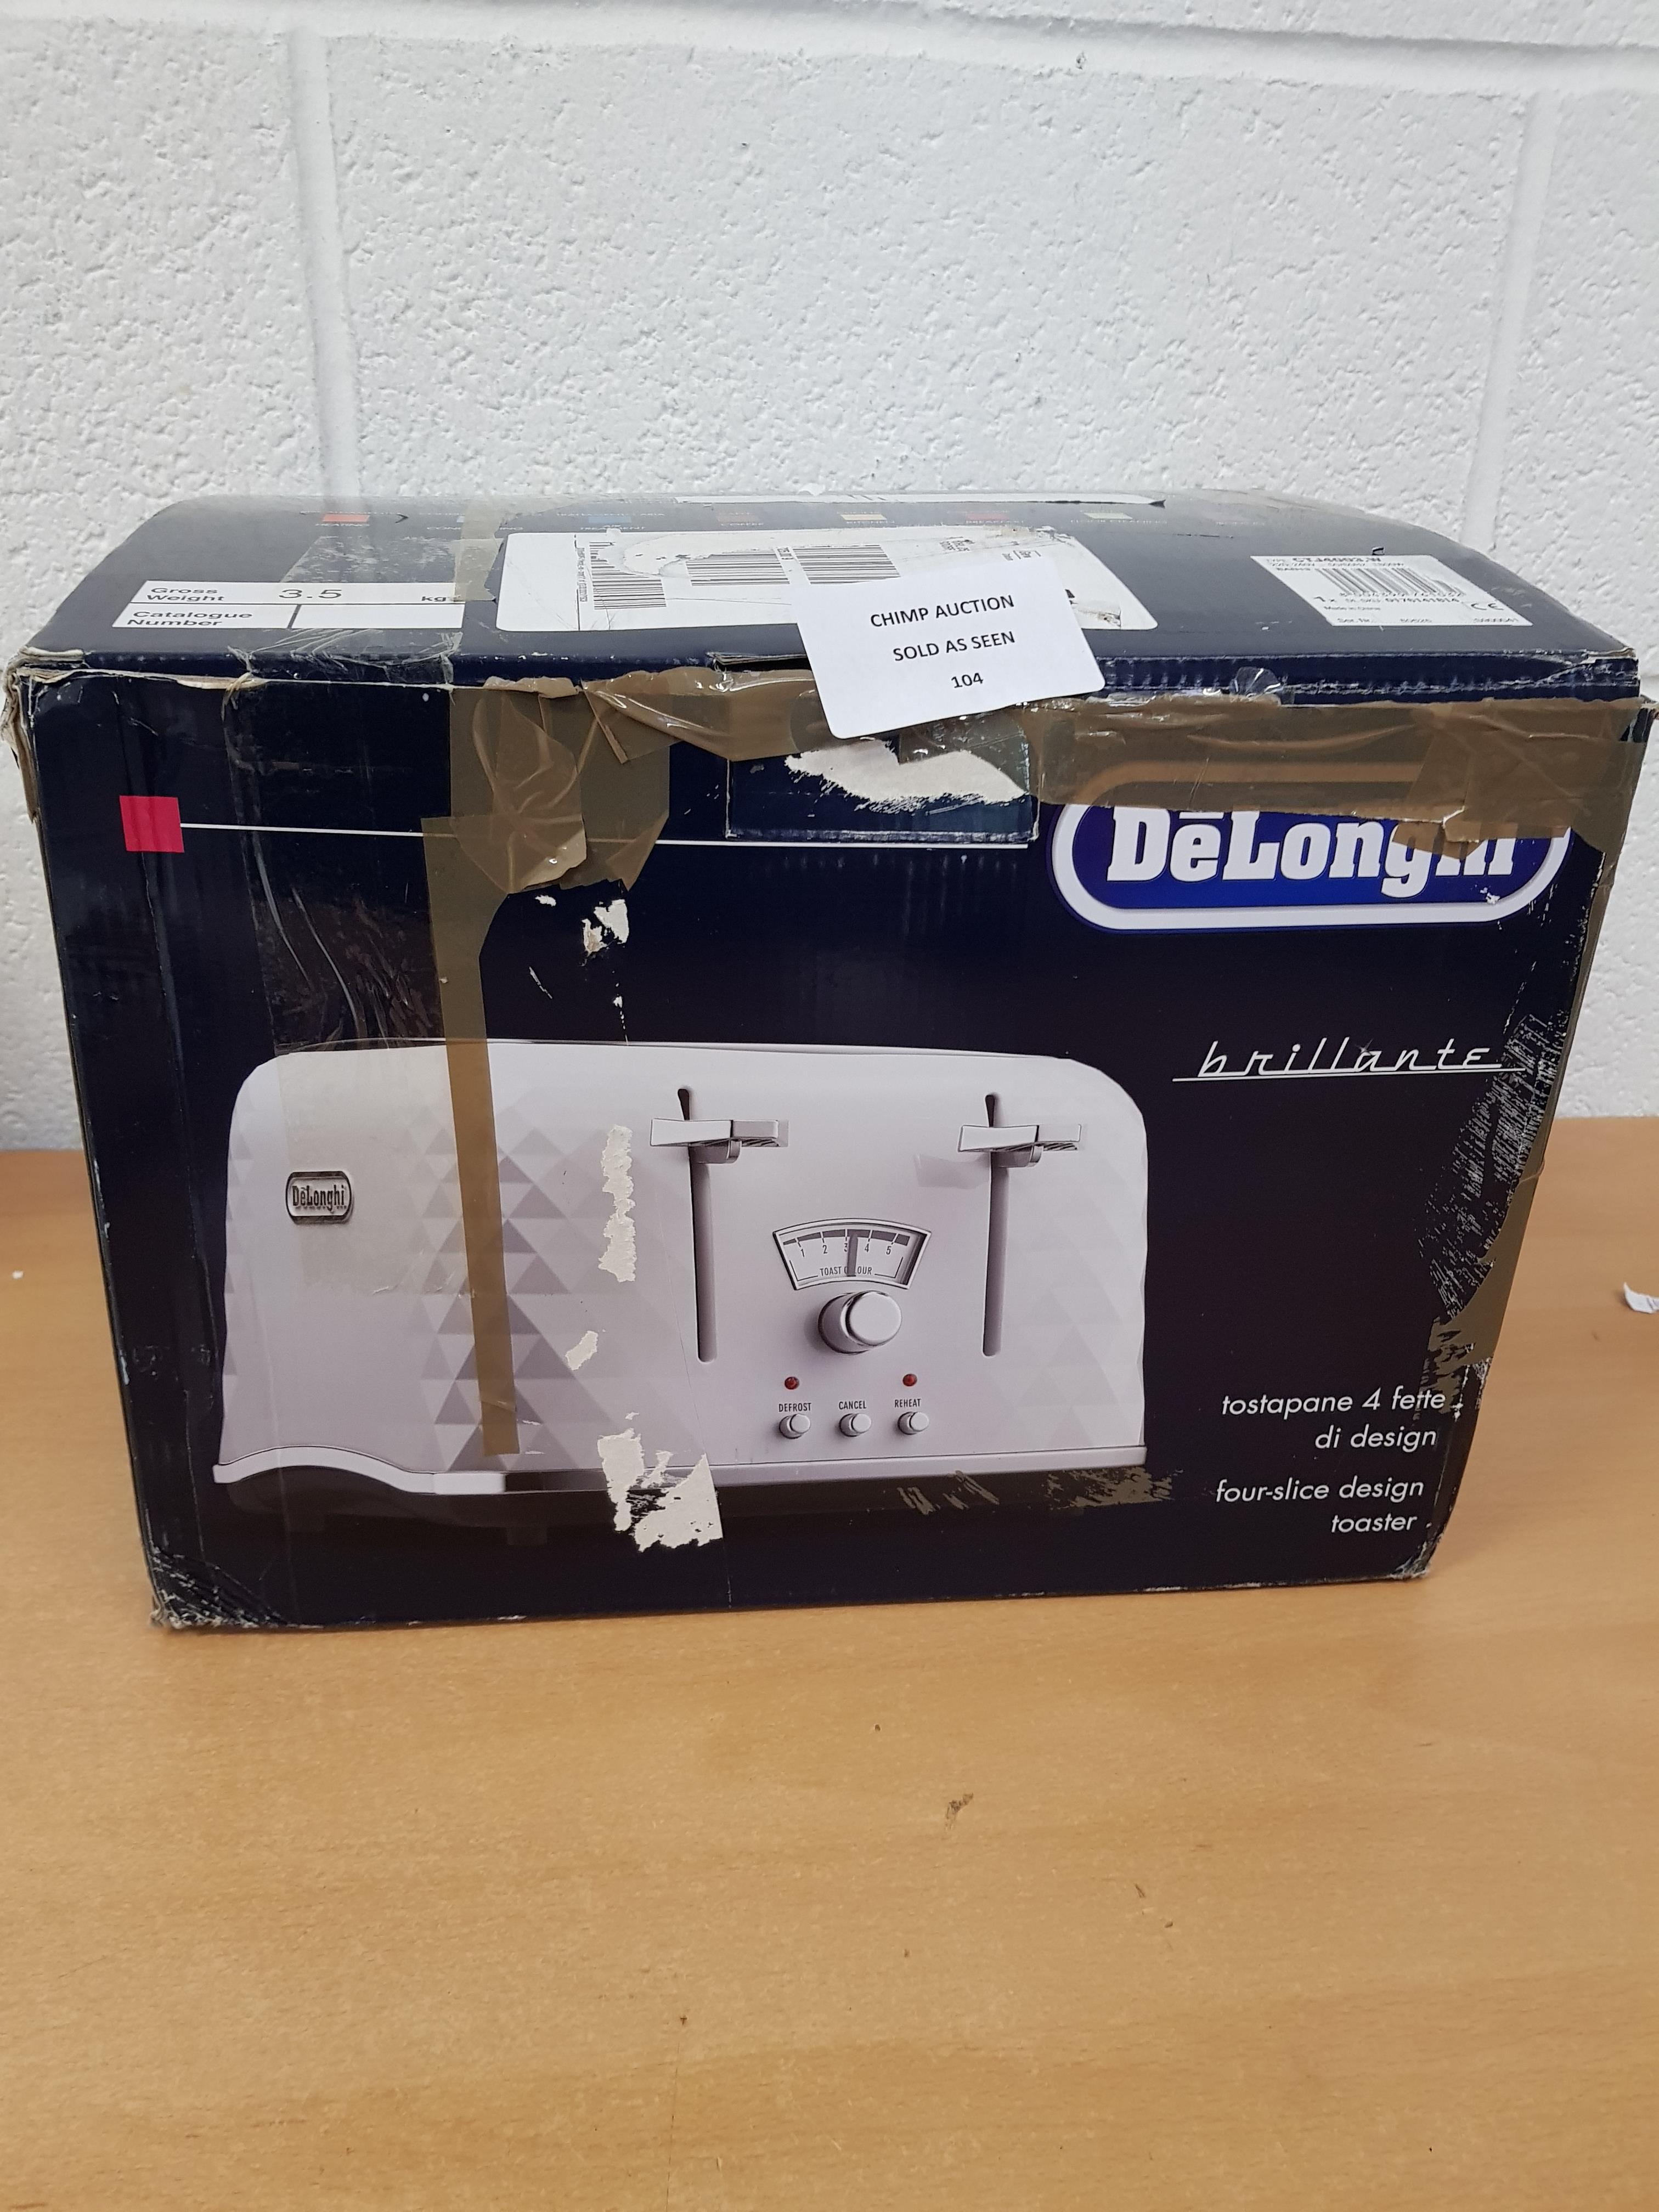 Lot 104 - DeLonghi Brillante 4 slice toaster